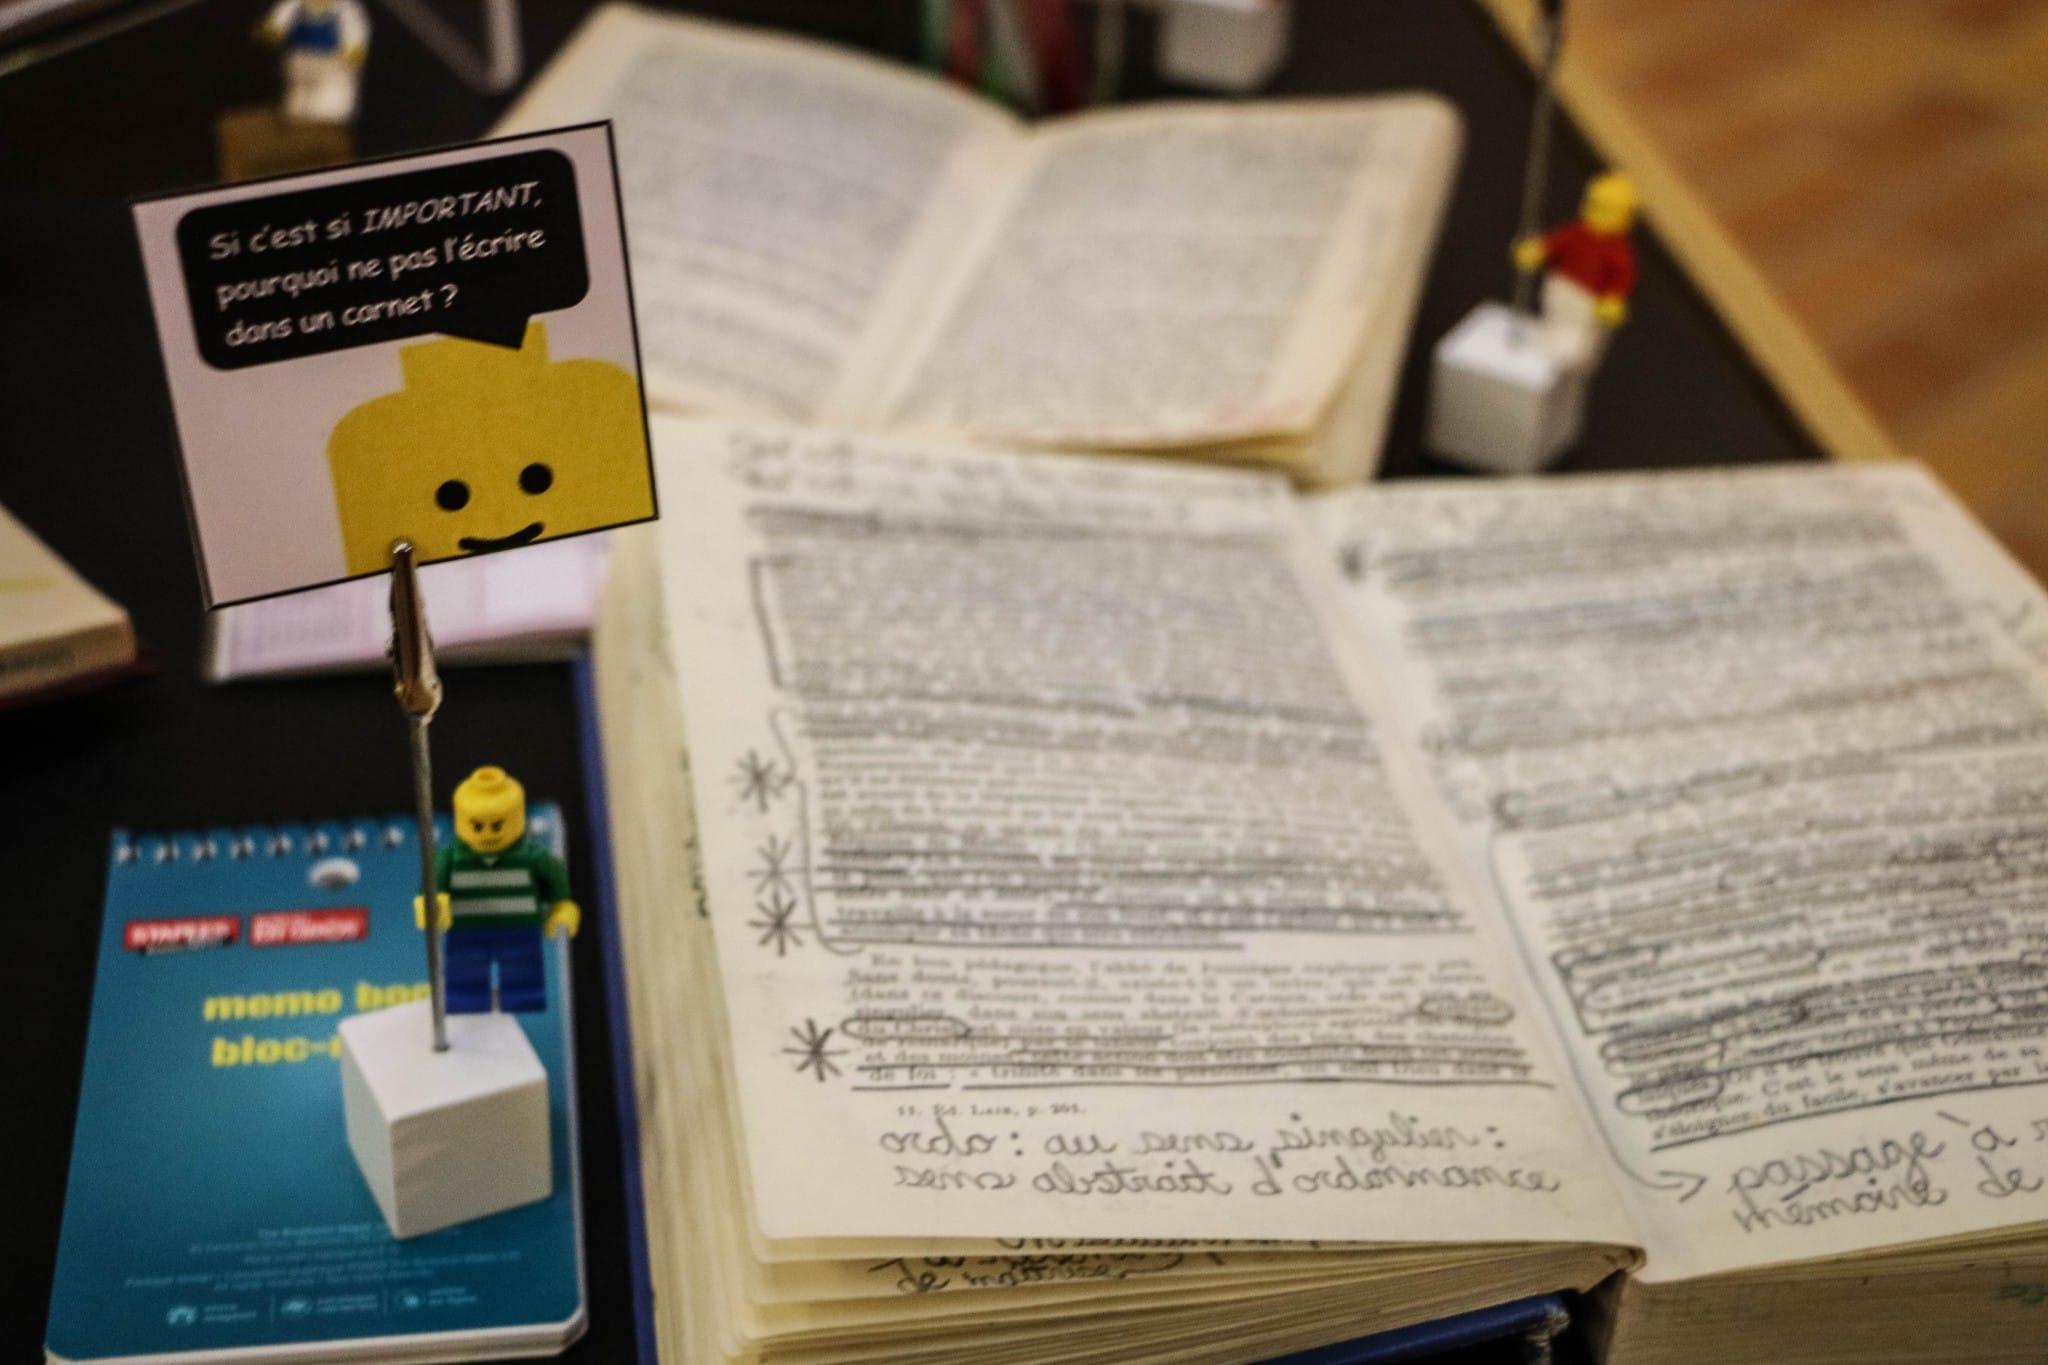 Du livre mordillé par un chien à celui complètement raturé, tous les ouvrages présentés proviennent directement des étagères de la bibliothèque et sont des « faits vécus ». Crédit photo : Mathieu Gauvin